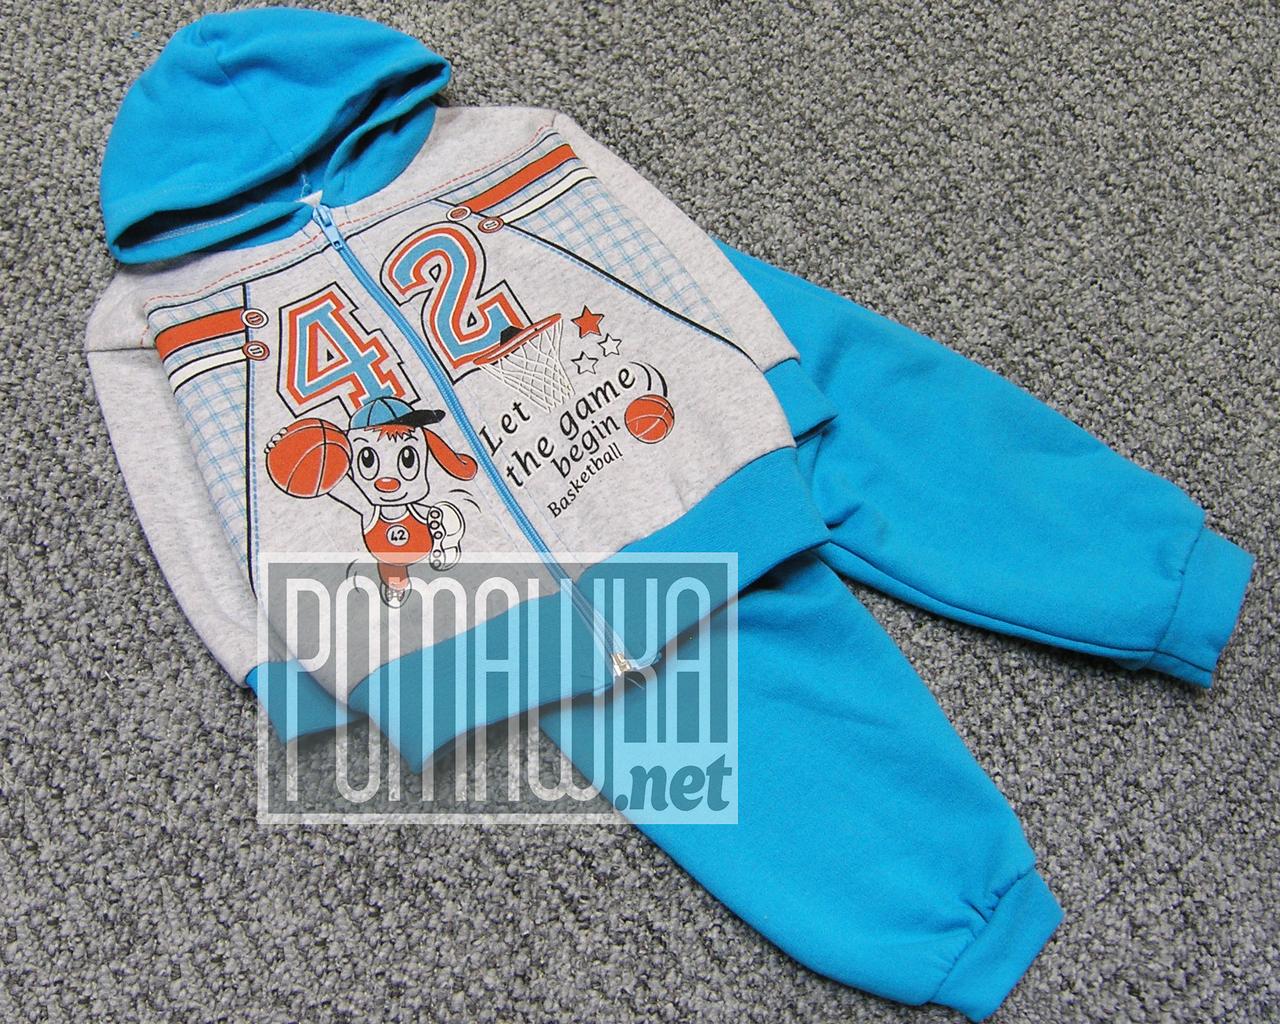 Тёплый флисовый 86 9-12 мес детский спортивный костюм на мальчика детей с начёсом на флисе ФУТЕР 4836 Голубой